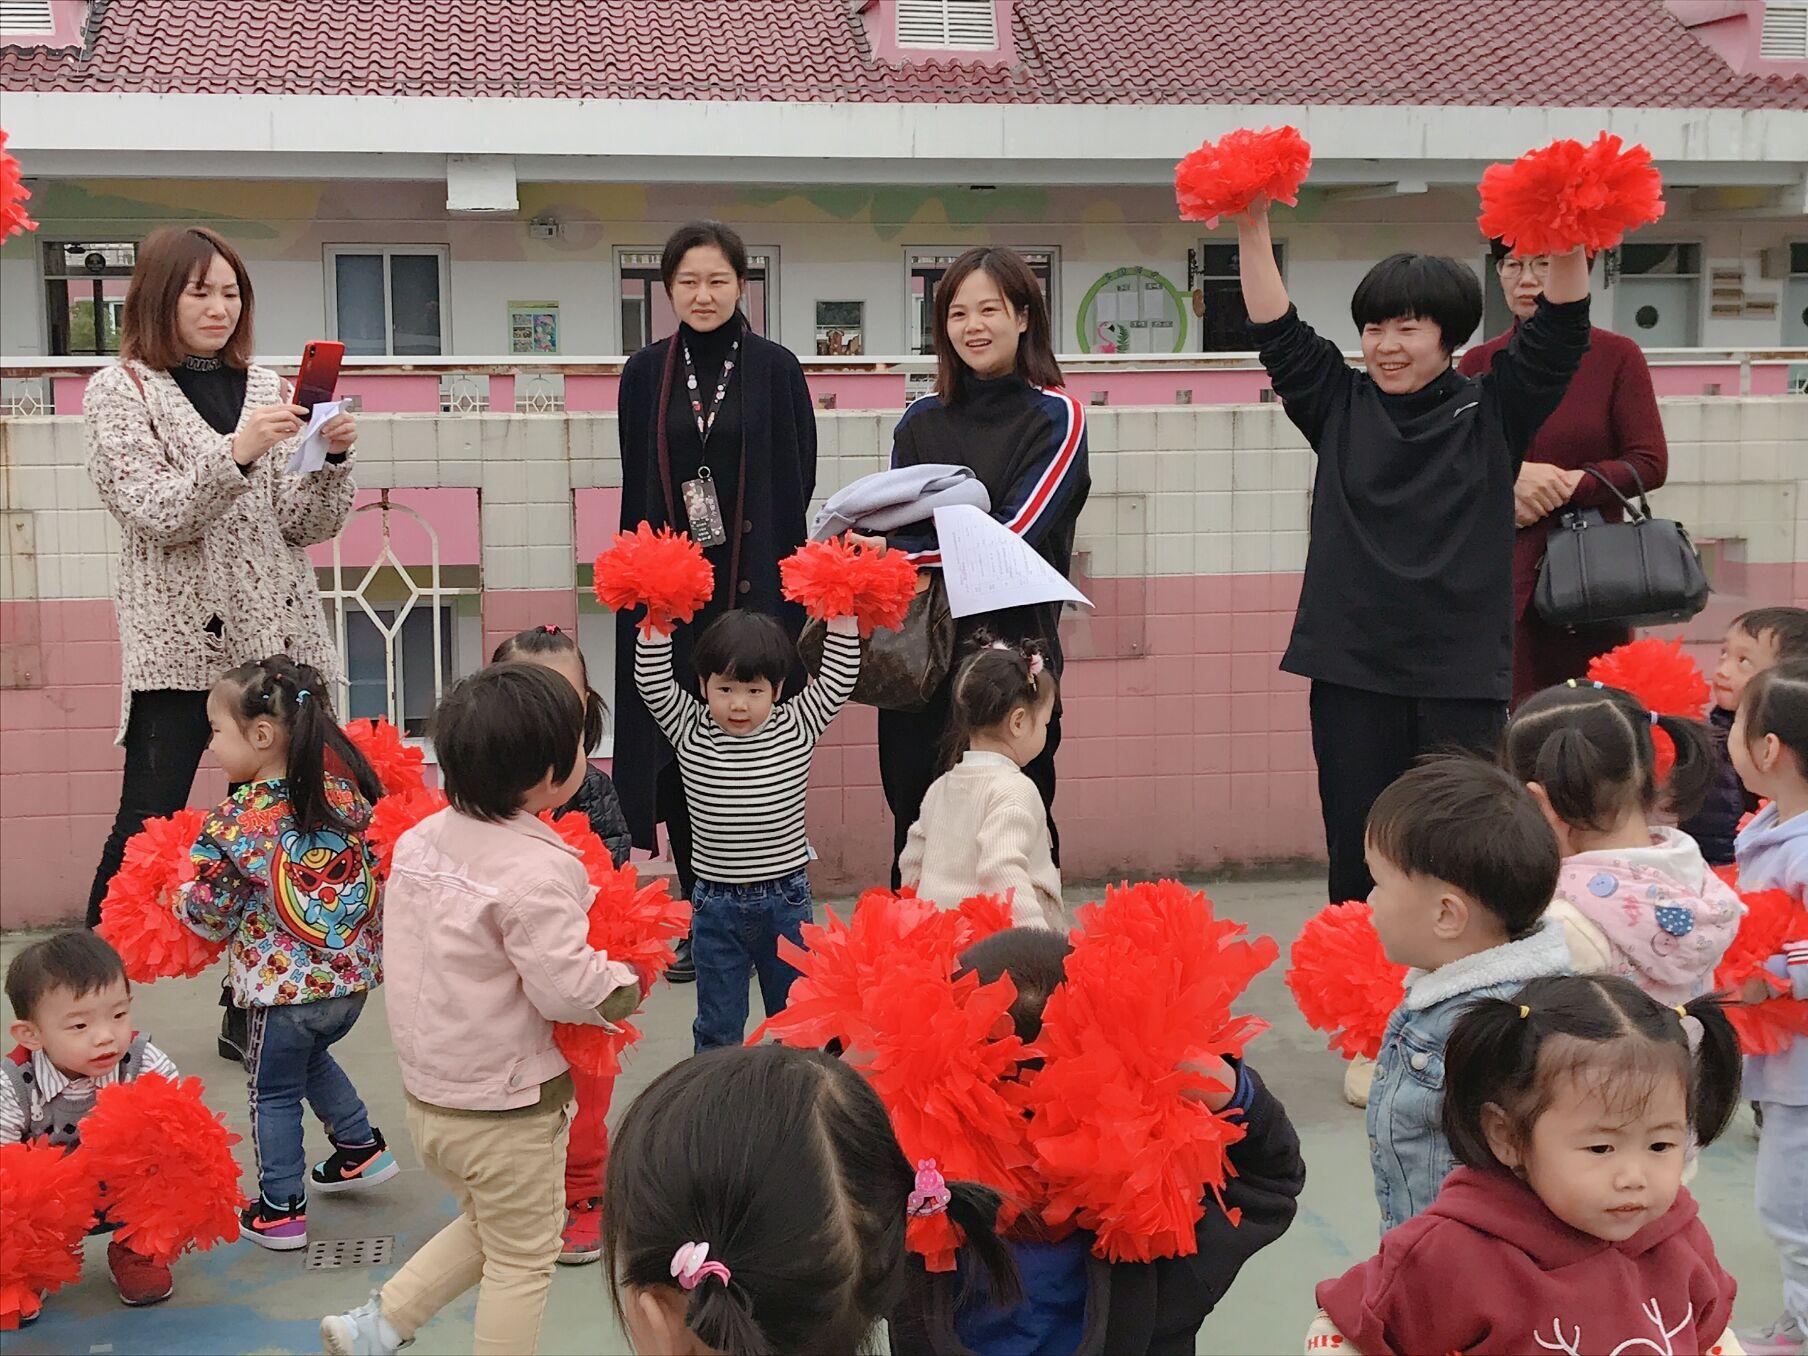 鹤琴幼儿园小小班举行家长半日开放活动